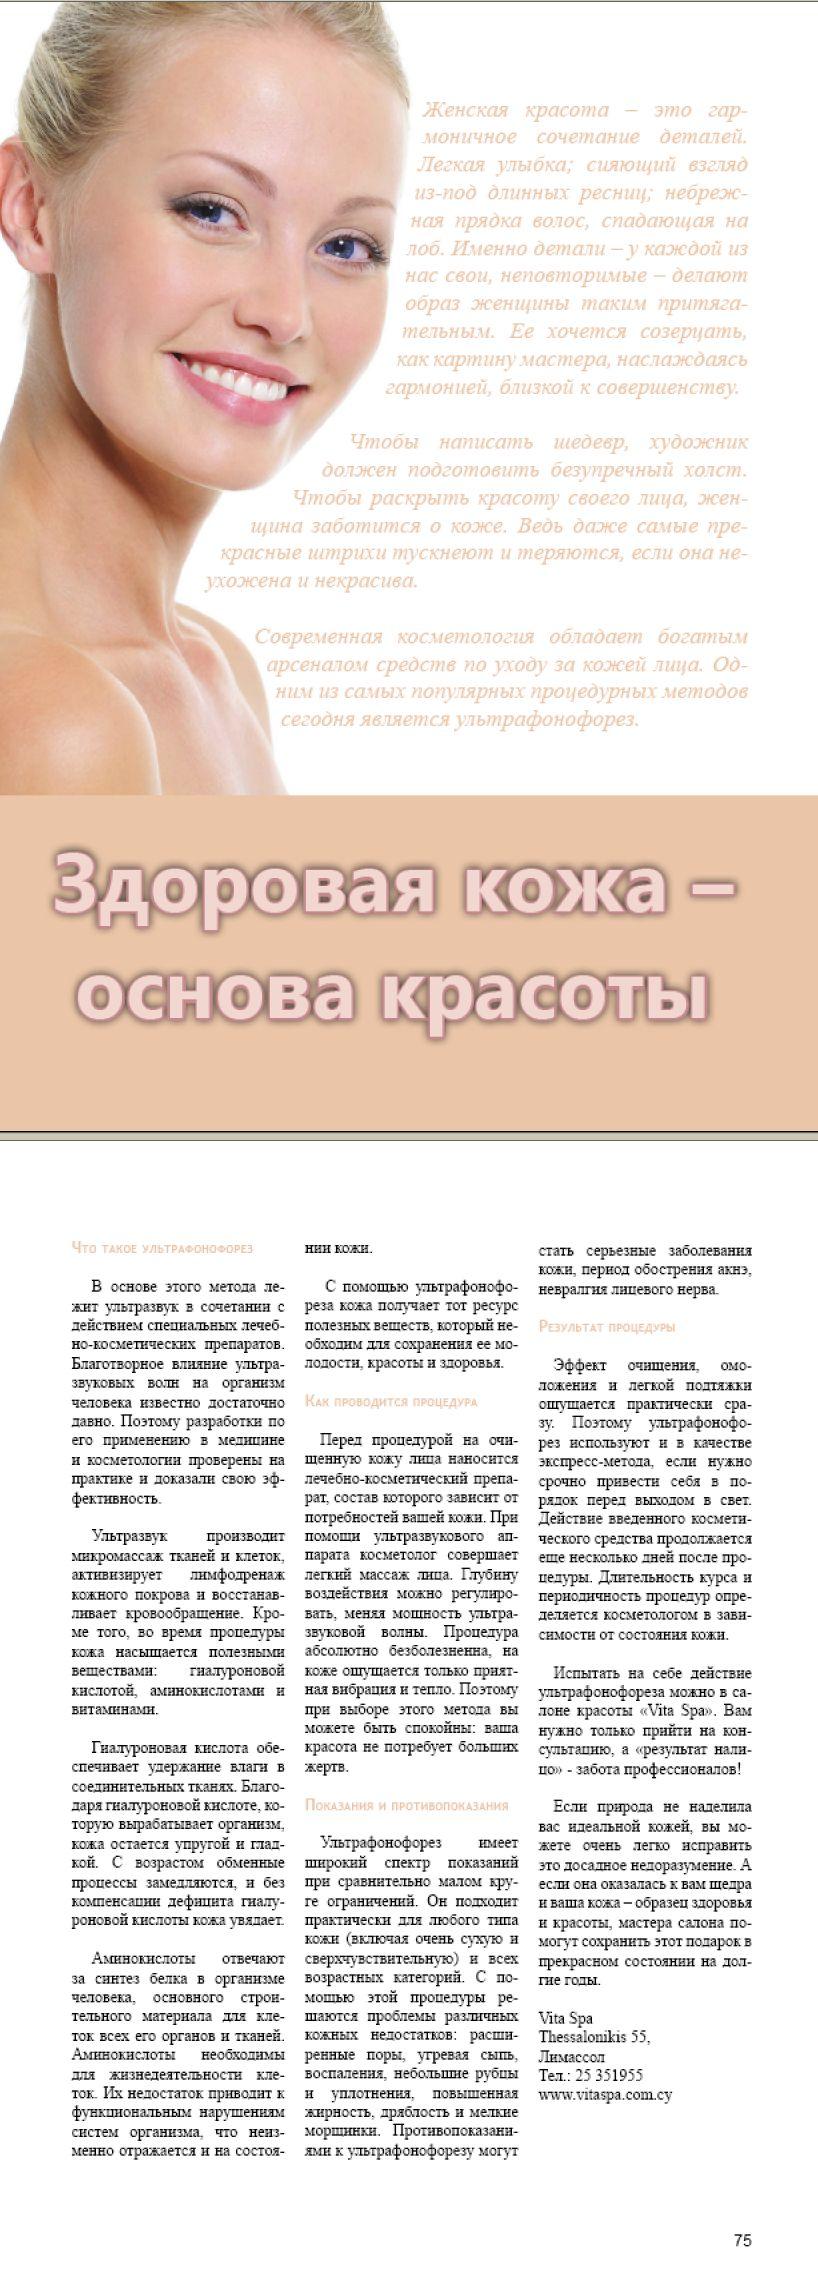 Рекламно-информационная статья о косметологической процедуре